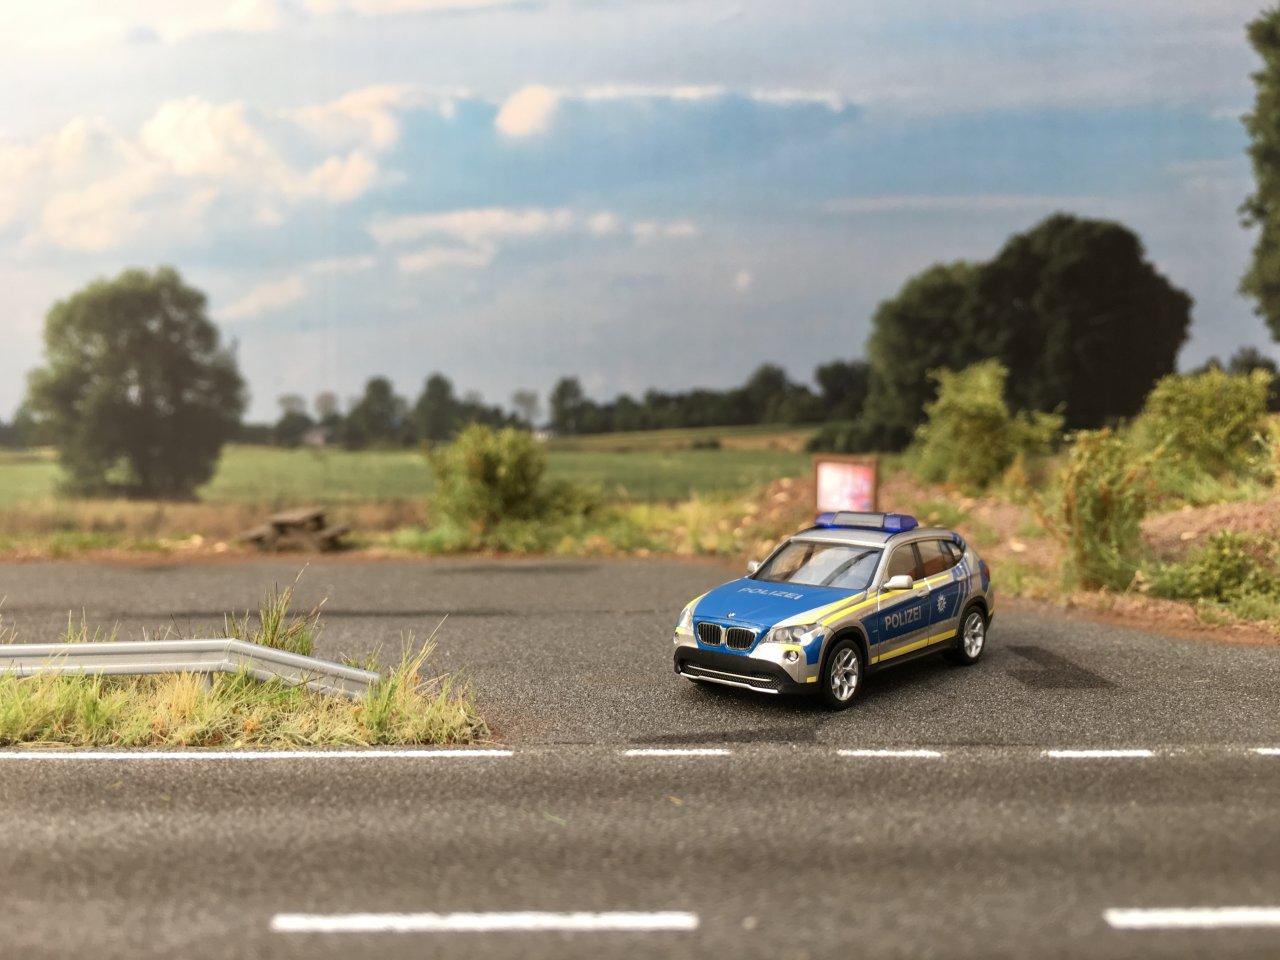 BMW X1 Polizei Bayern  02.JPG